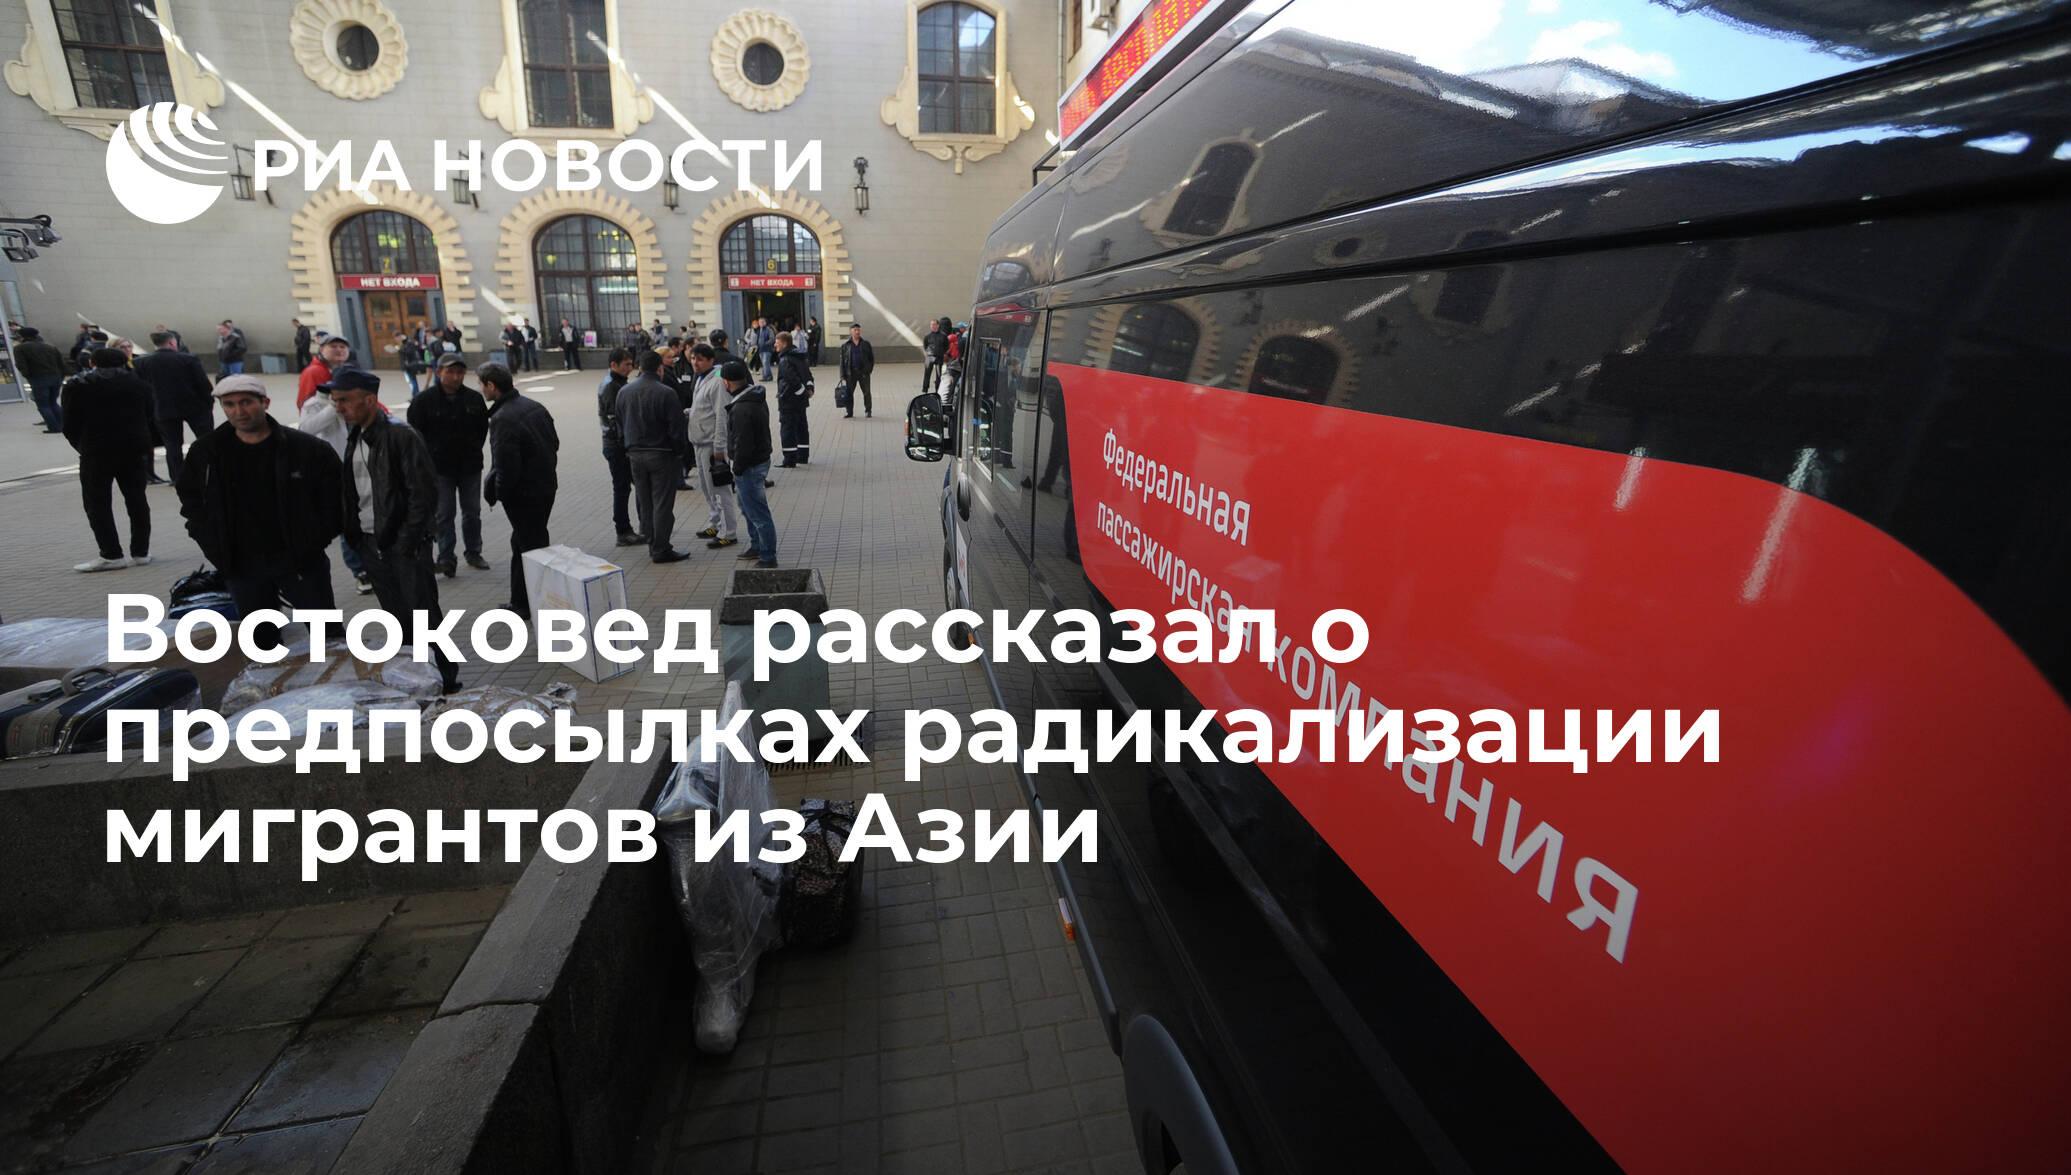 Миграционный вопрос в России. Проблем у подобной среды, на самом деле, немало